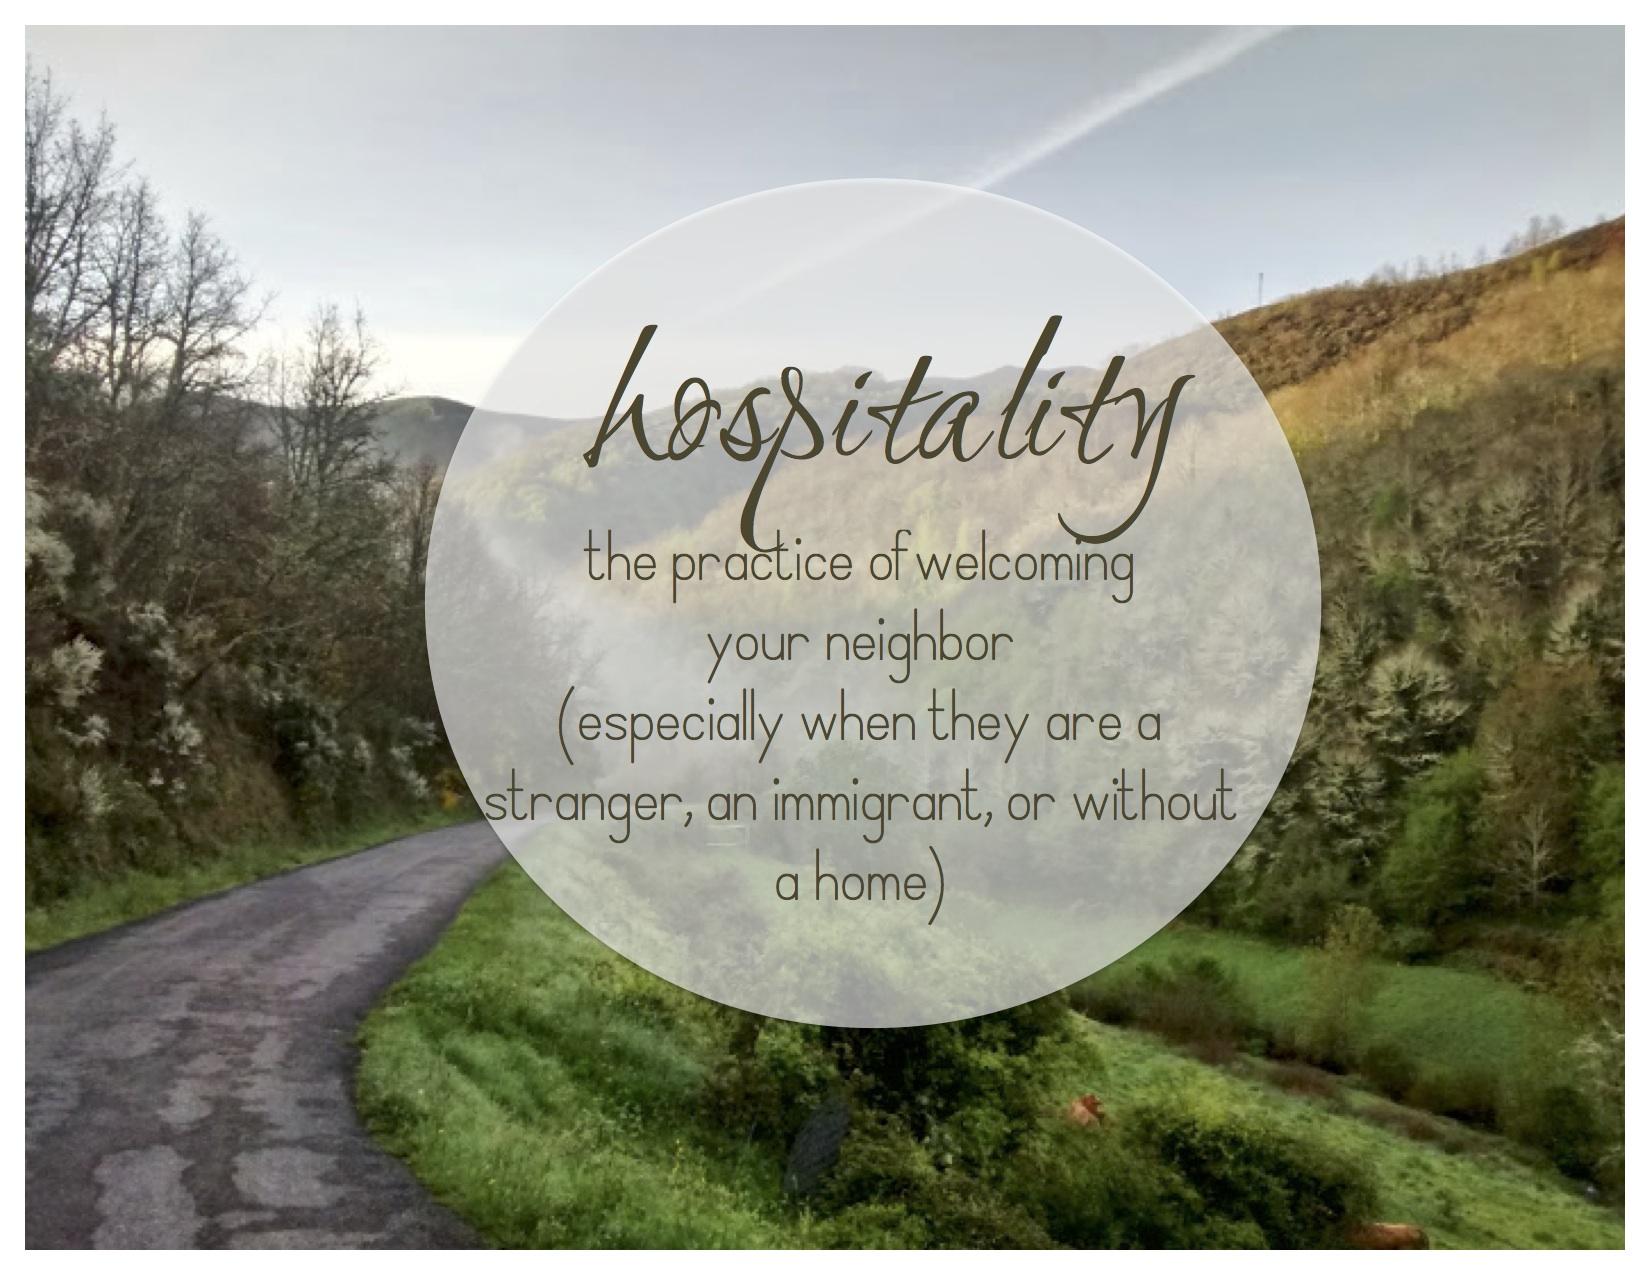 hospitality image